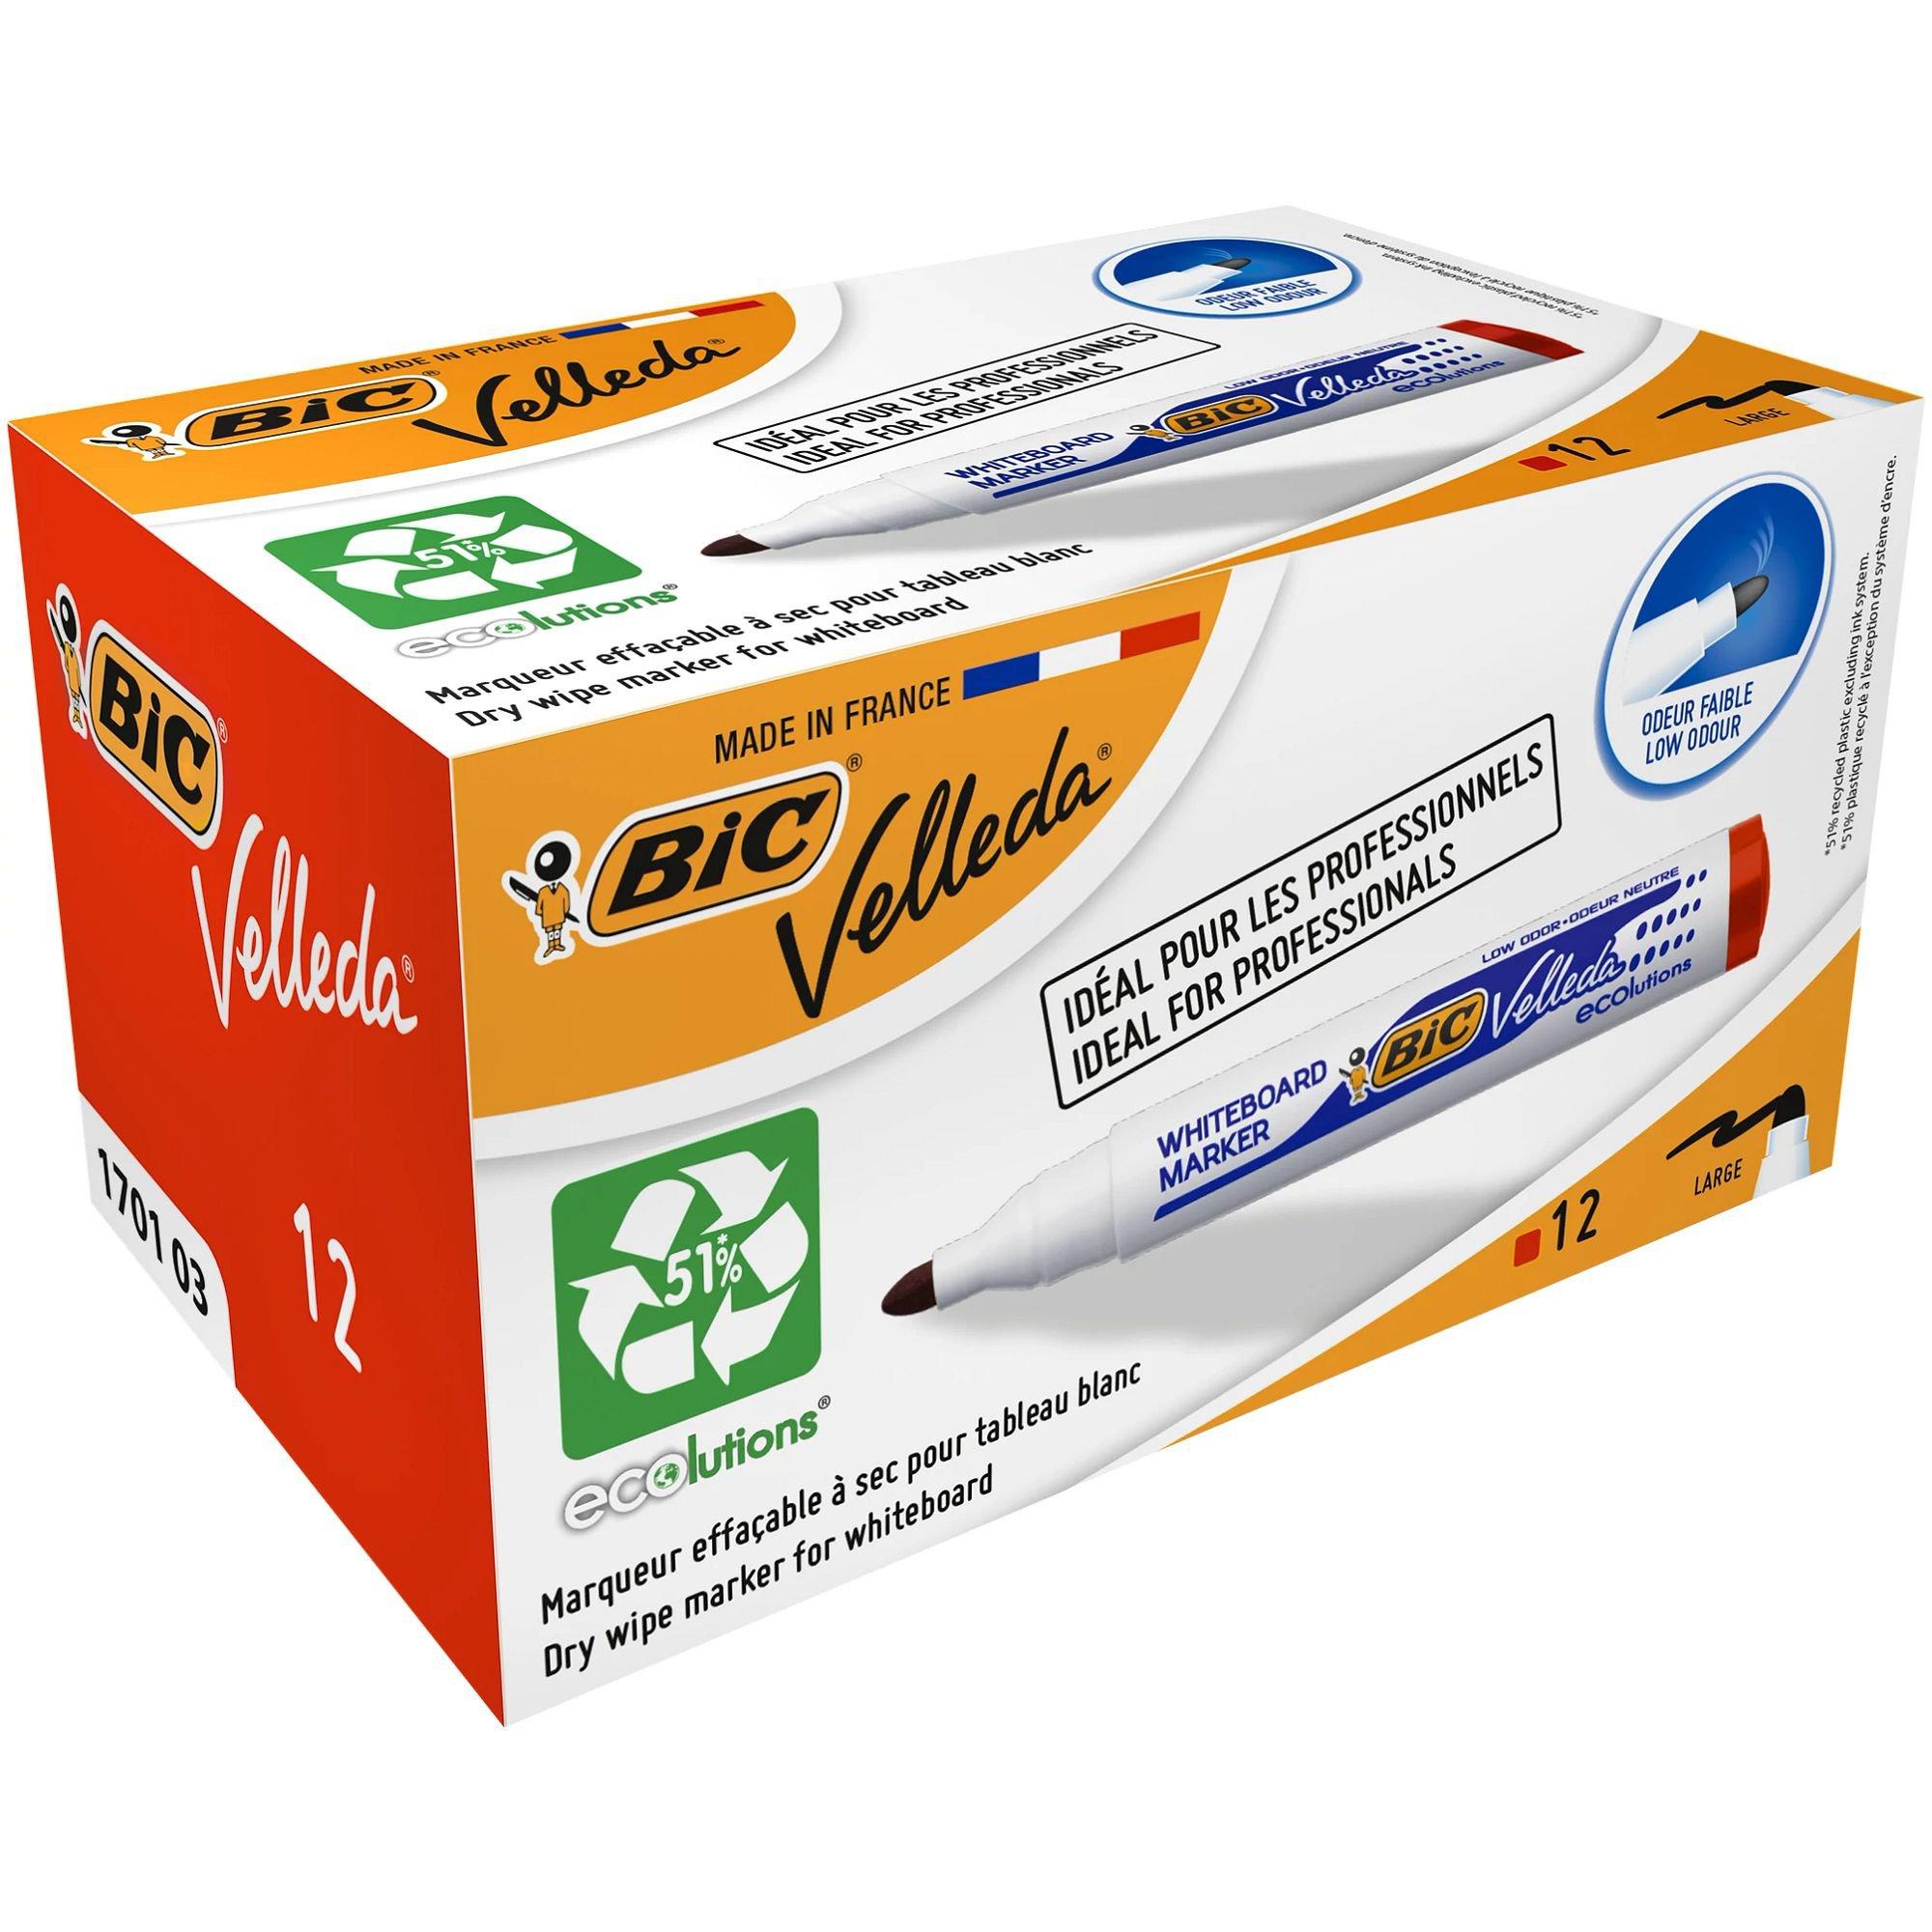 BIC Velleda Whiteboard Marker 1701 Bullet Tip Red 904939